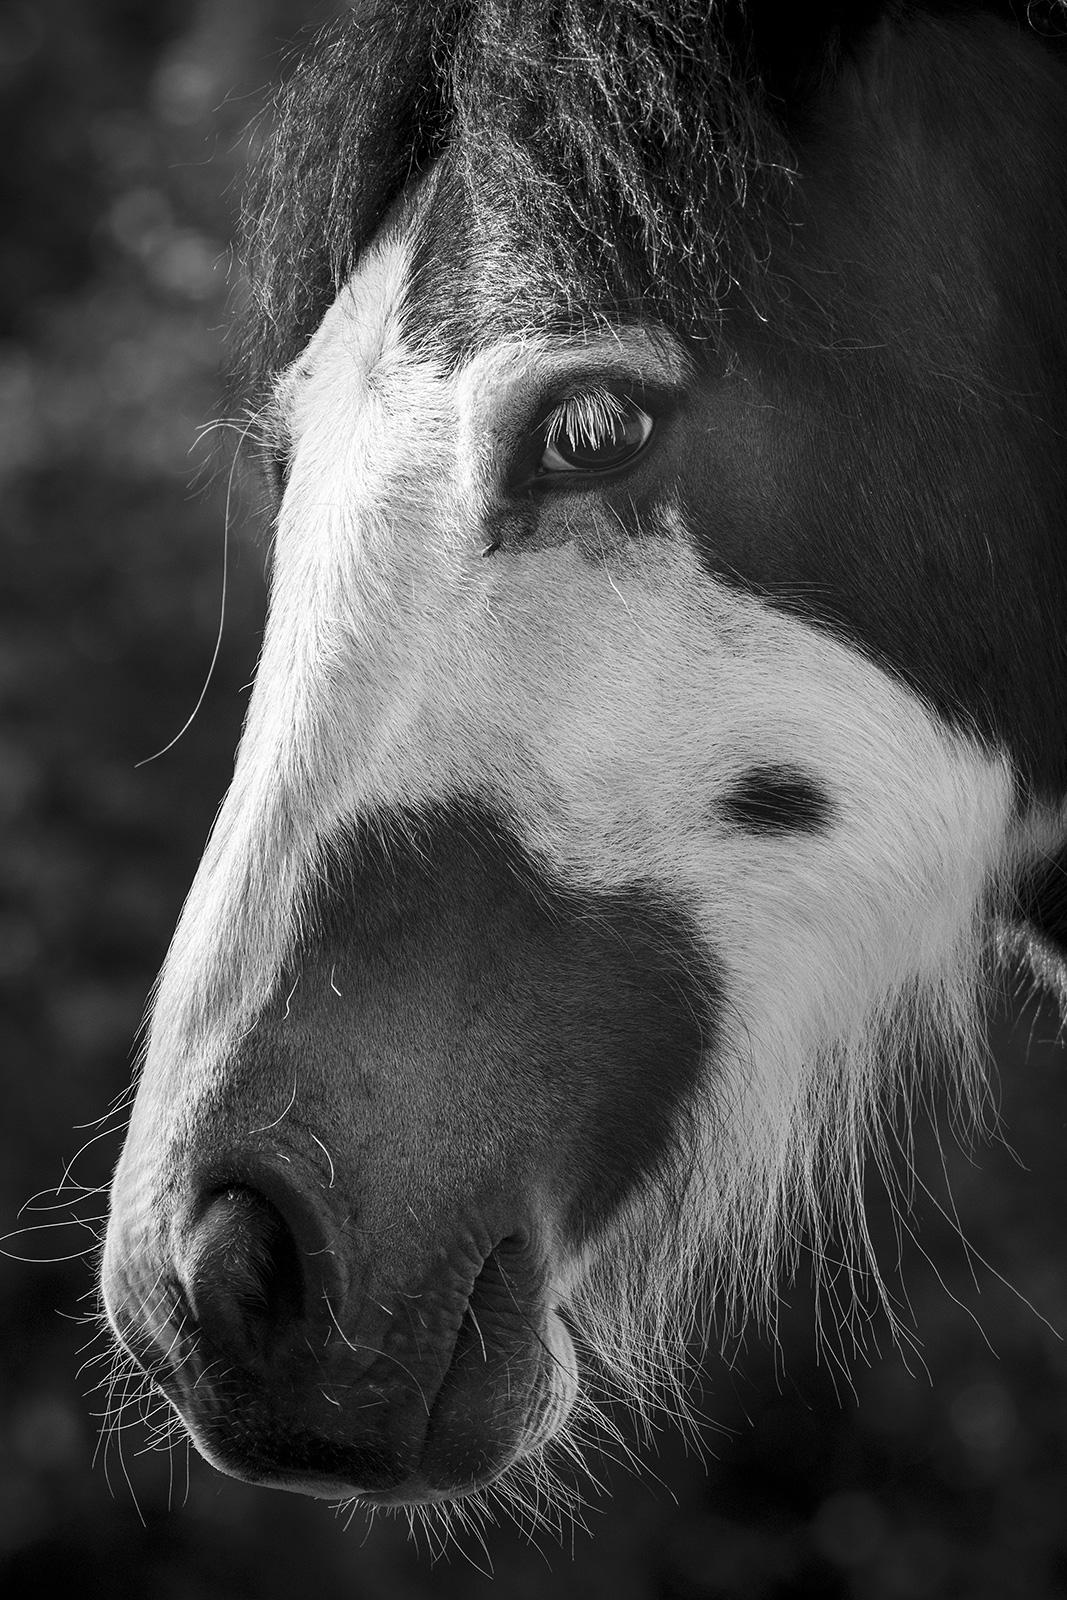 Piebald horse portrait, black and white portrait composition Poynings West Sussex ©P. Maton 2019 eyeteeth.net